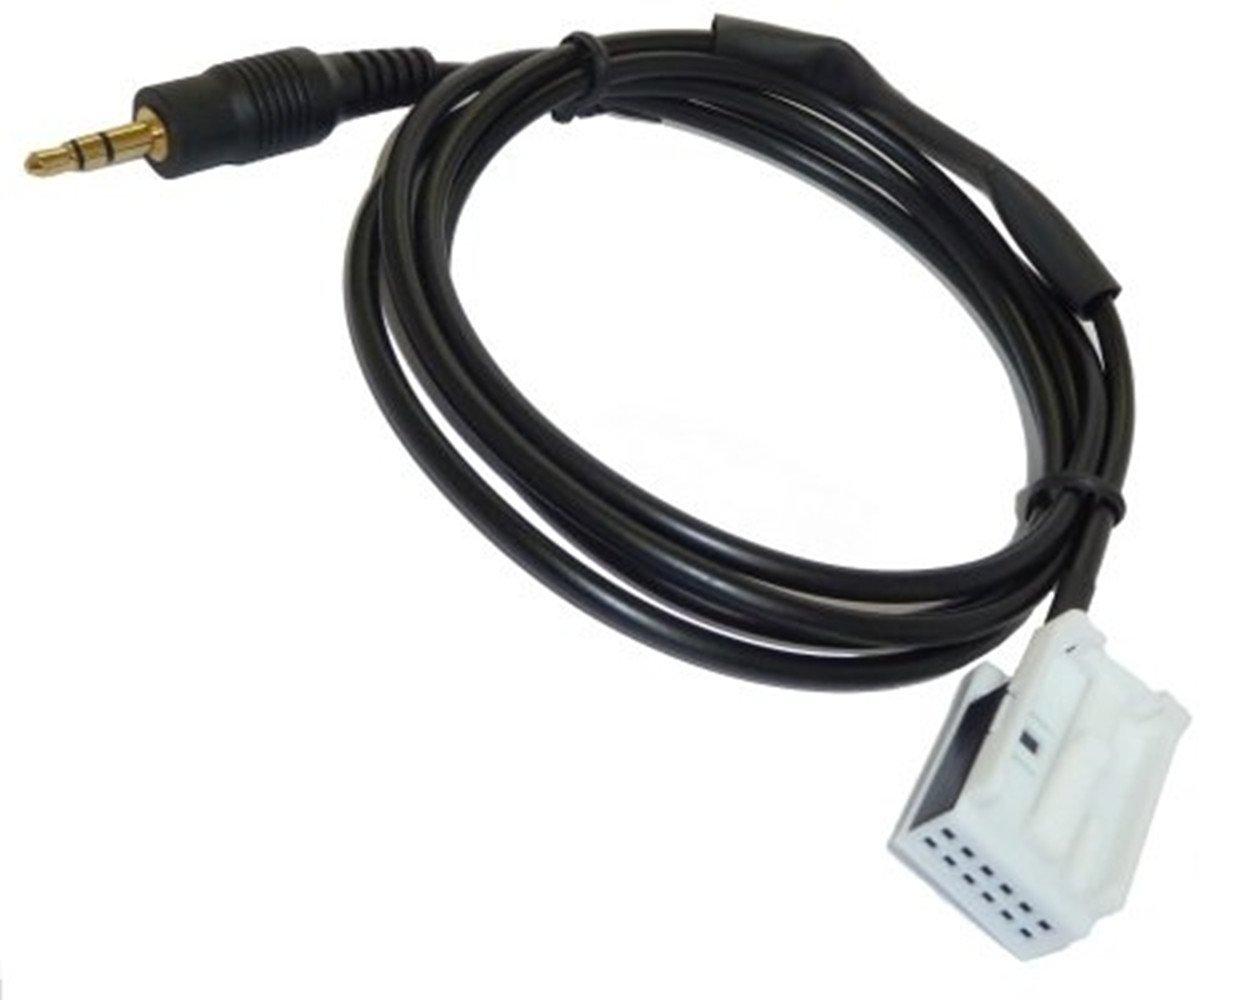 Glanz AUX Adapter Kabel BMW E60 E61 E63 E64 Fü r iPod/iPhone usw. Line In 12pol Shine Tec. SQC-0101